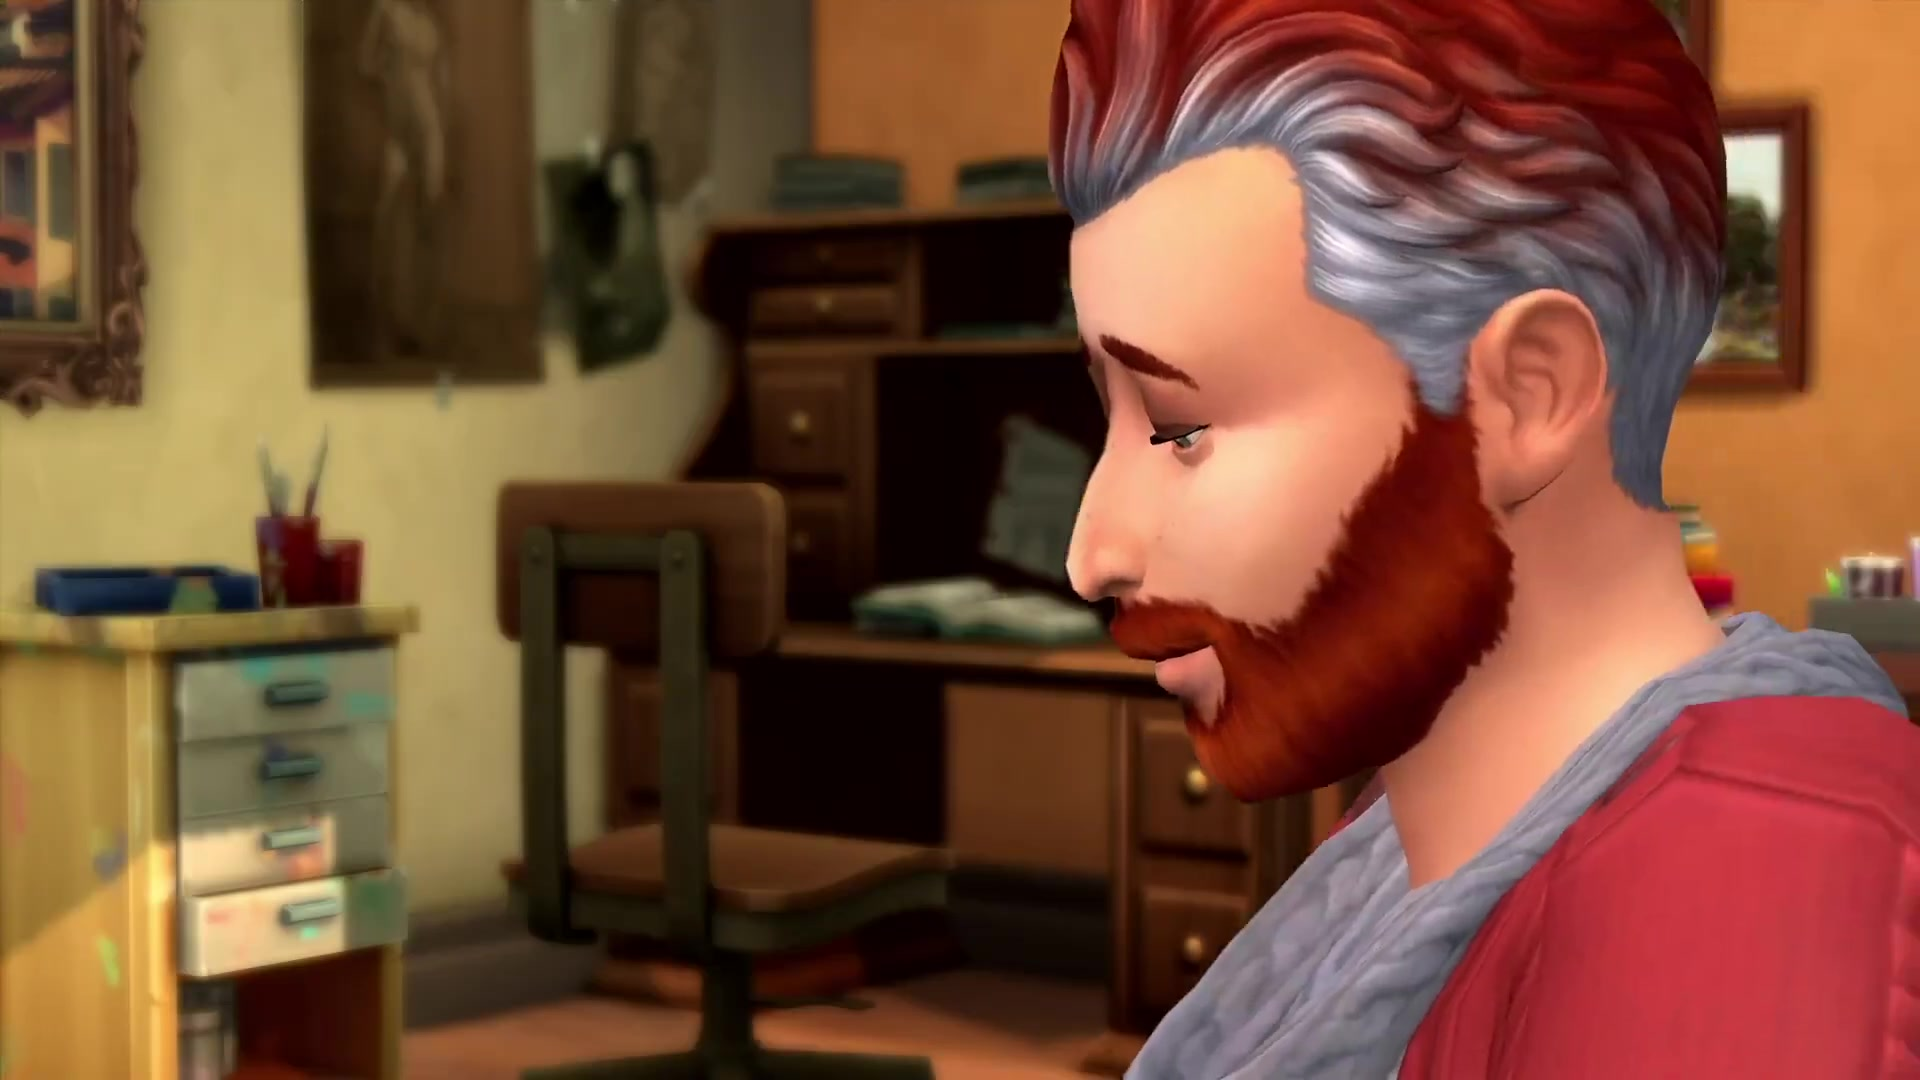 《模拟人生4:巧缝妙织》DLC上手指南 巧缝妙织玩法及新增物品一览